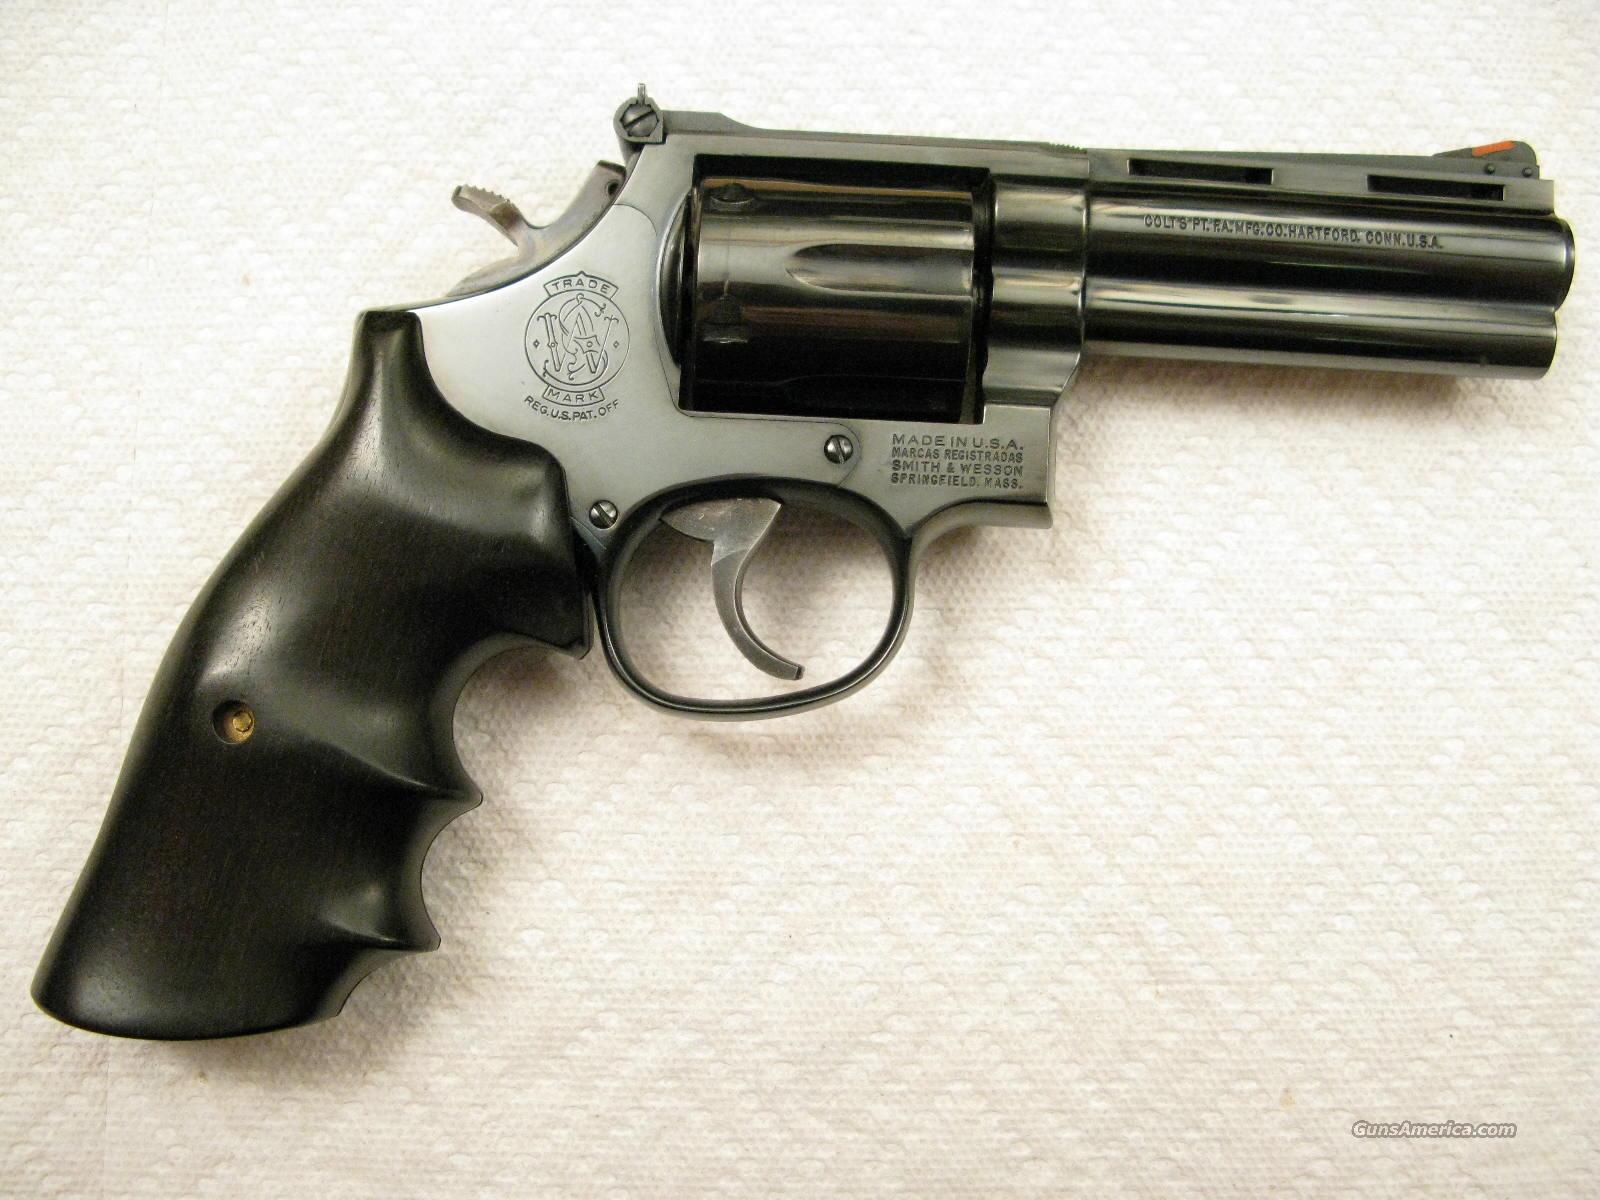 M 586 4 Quot 357 Magnum Colt Python Vent Rib Barre For Sale